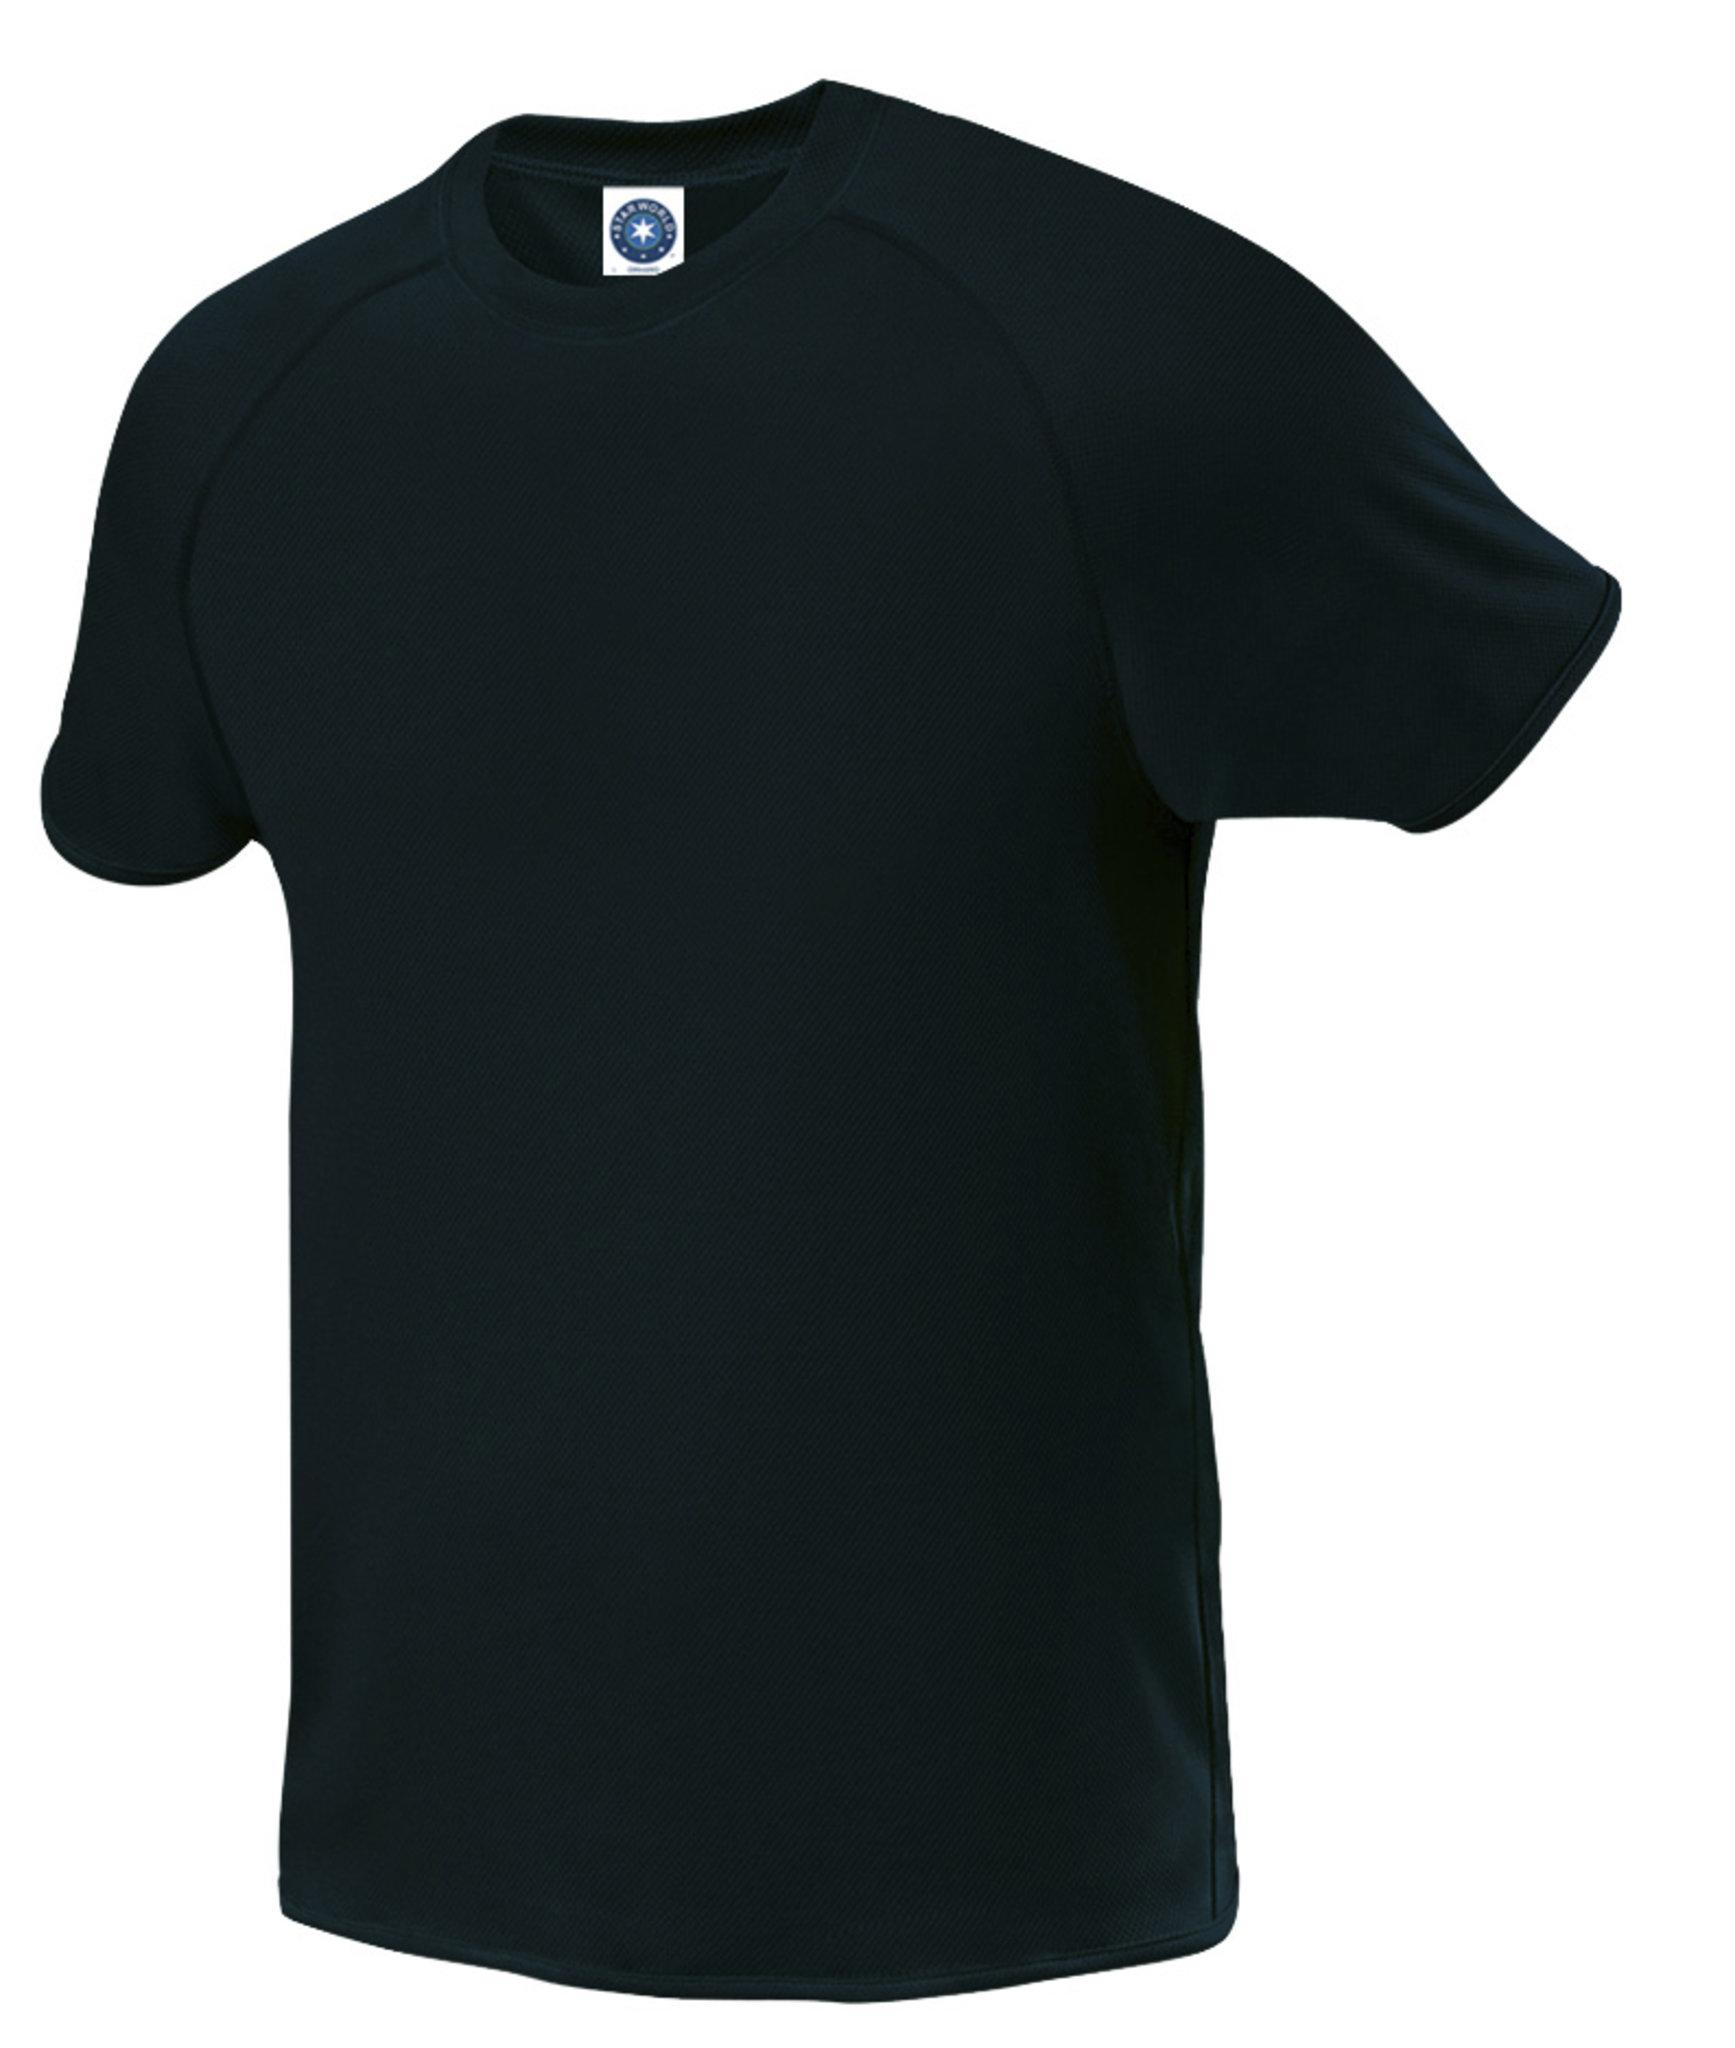 T-shirt promotionnel Sporti - t-shirt personnalisable